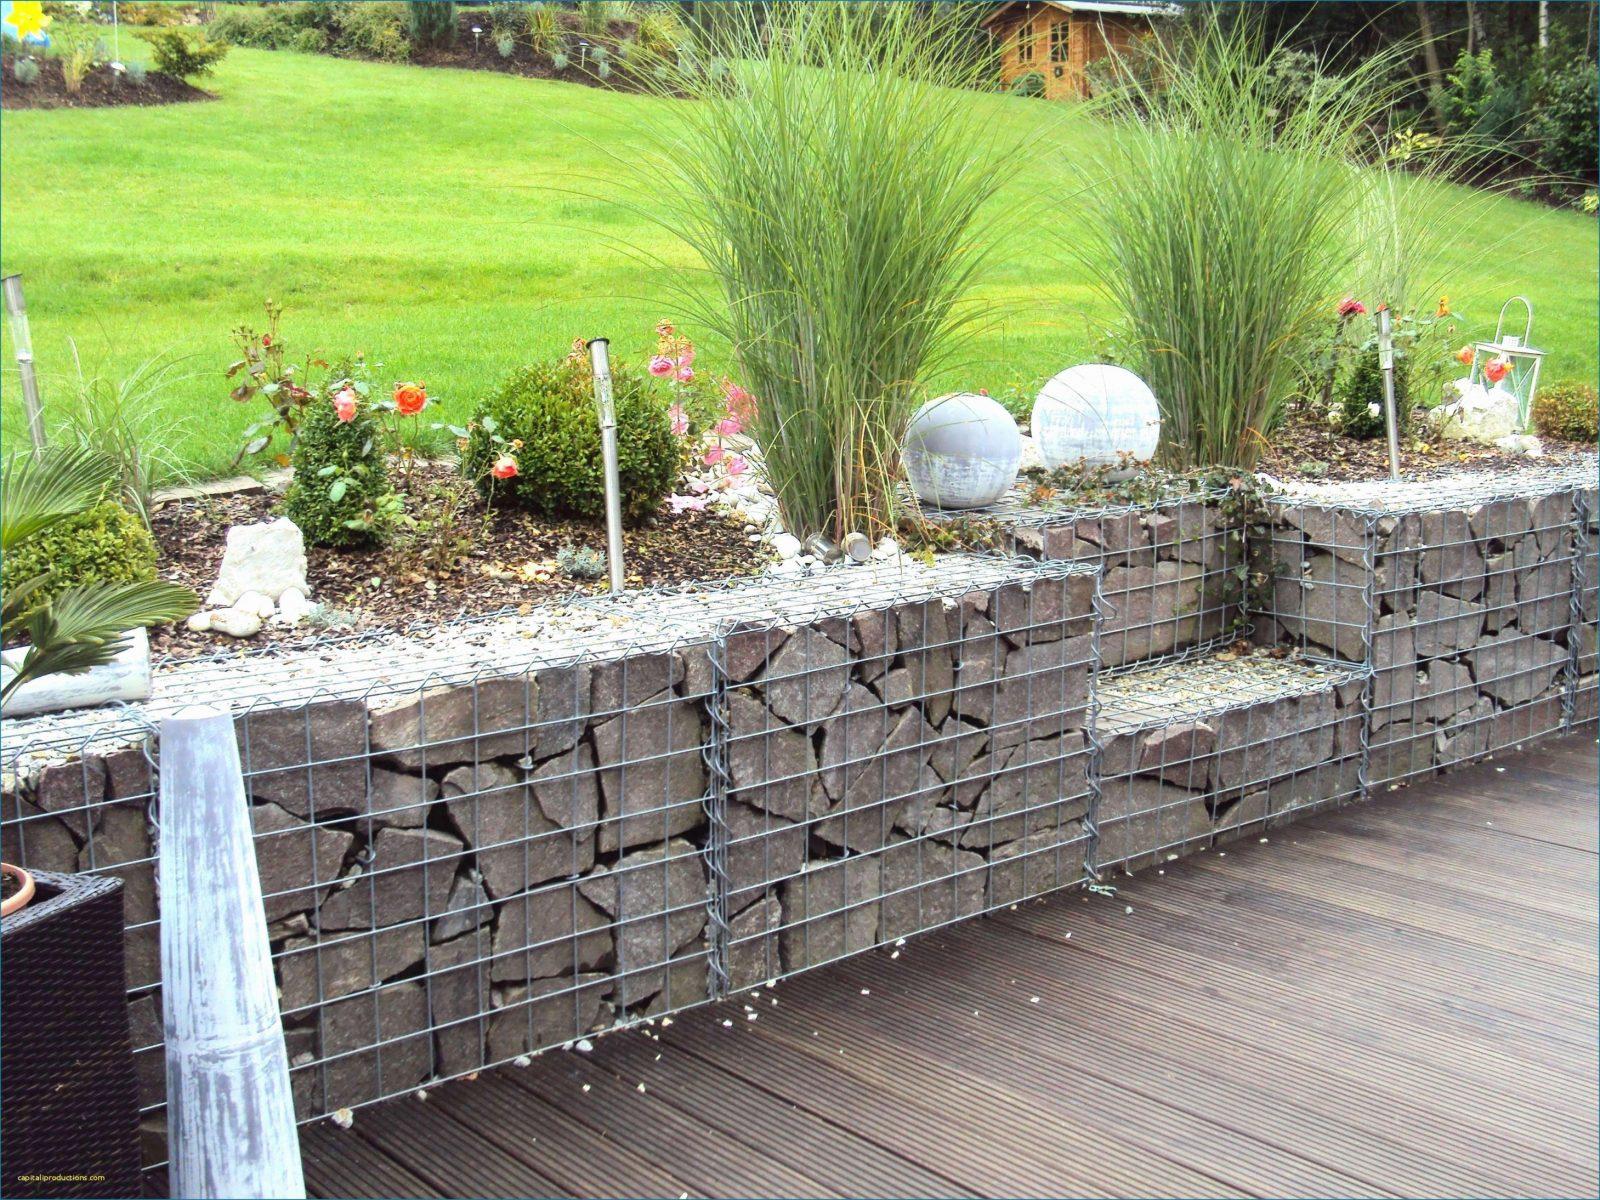 42 Das Beste Von Zaun Bauen Foto Schema Von Steinmauern Im Garten von Steinmauern Im Garten Selber Bauen Bild